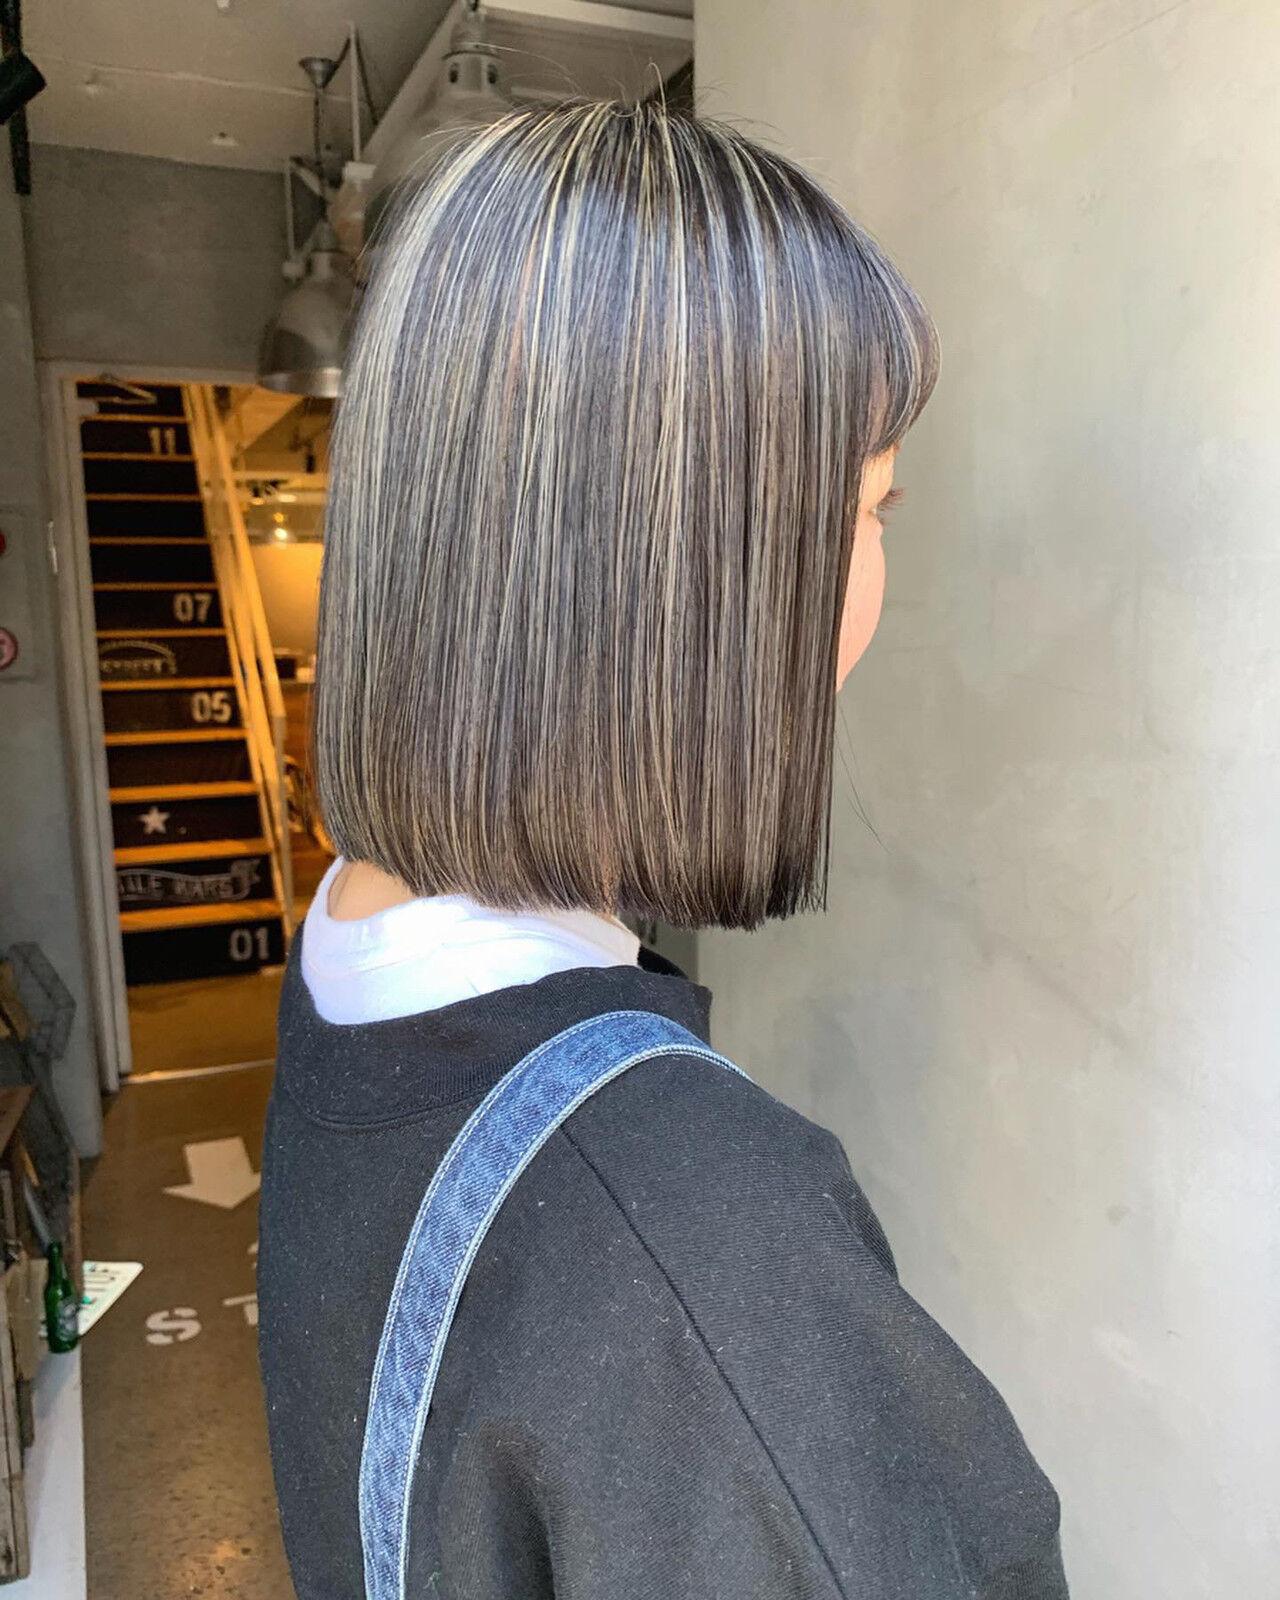 ハイライト ブルージュ グレージュ ストリートヘアスタイルや髪型の写真・画像